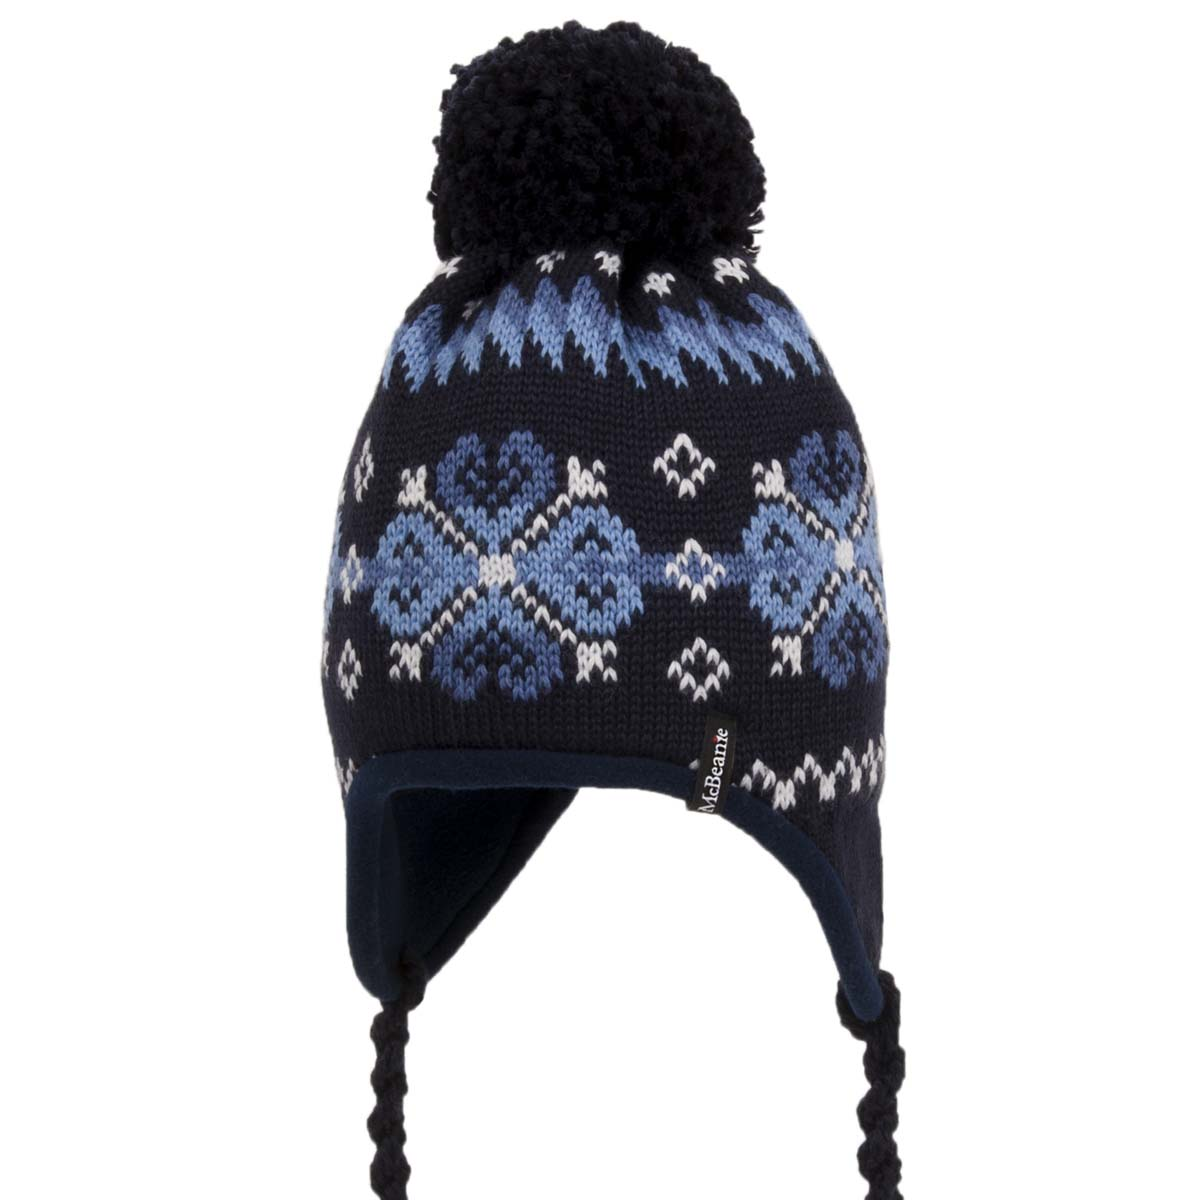 Neupreis Farbbrillanz Designermode Mütze mit Ohren und Band zum Knüpfen von McBeanie